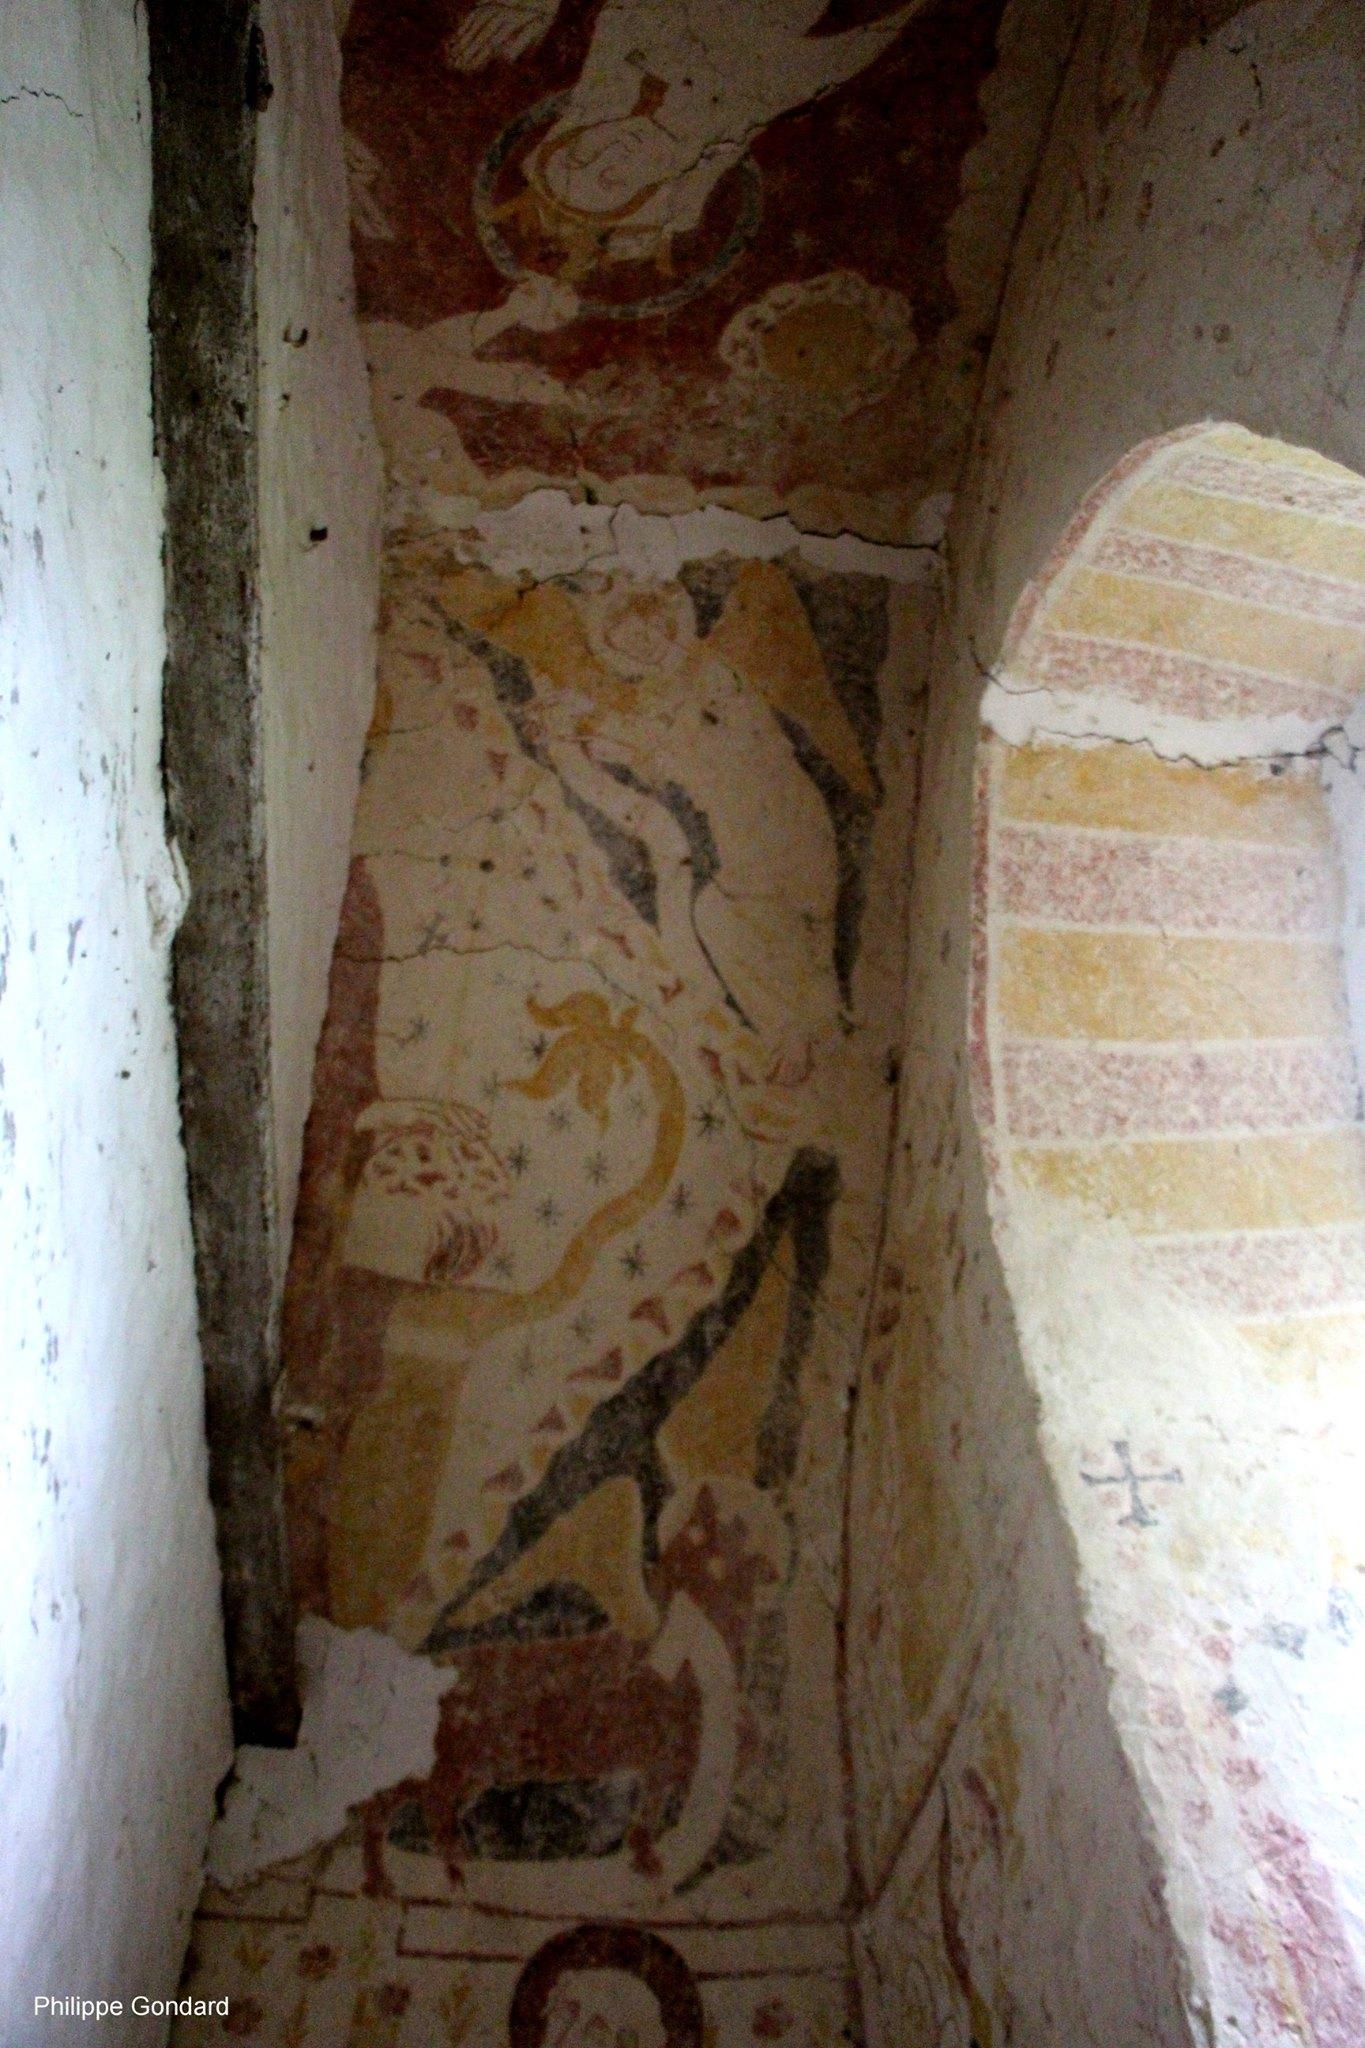 Conlie - Chapelle Saint Hilaire et Saint Eutrope de Verniette 08 - Les peintures murales sont datées du milieu du XIIIème siècle pour les plus anciennes et de la charnière XIIIème - XIVème siècles pour la deuxième vague (Philippe Gondard)